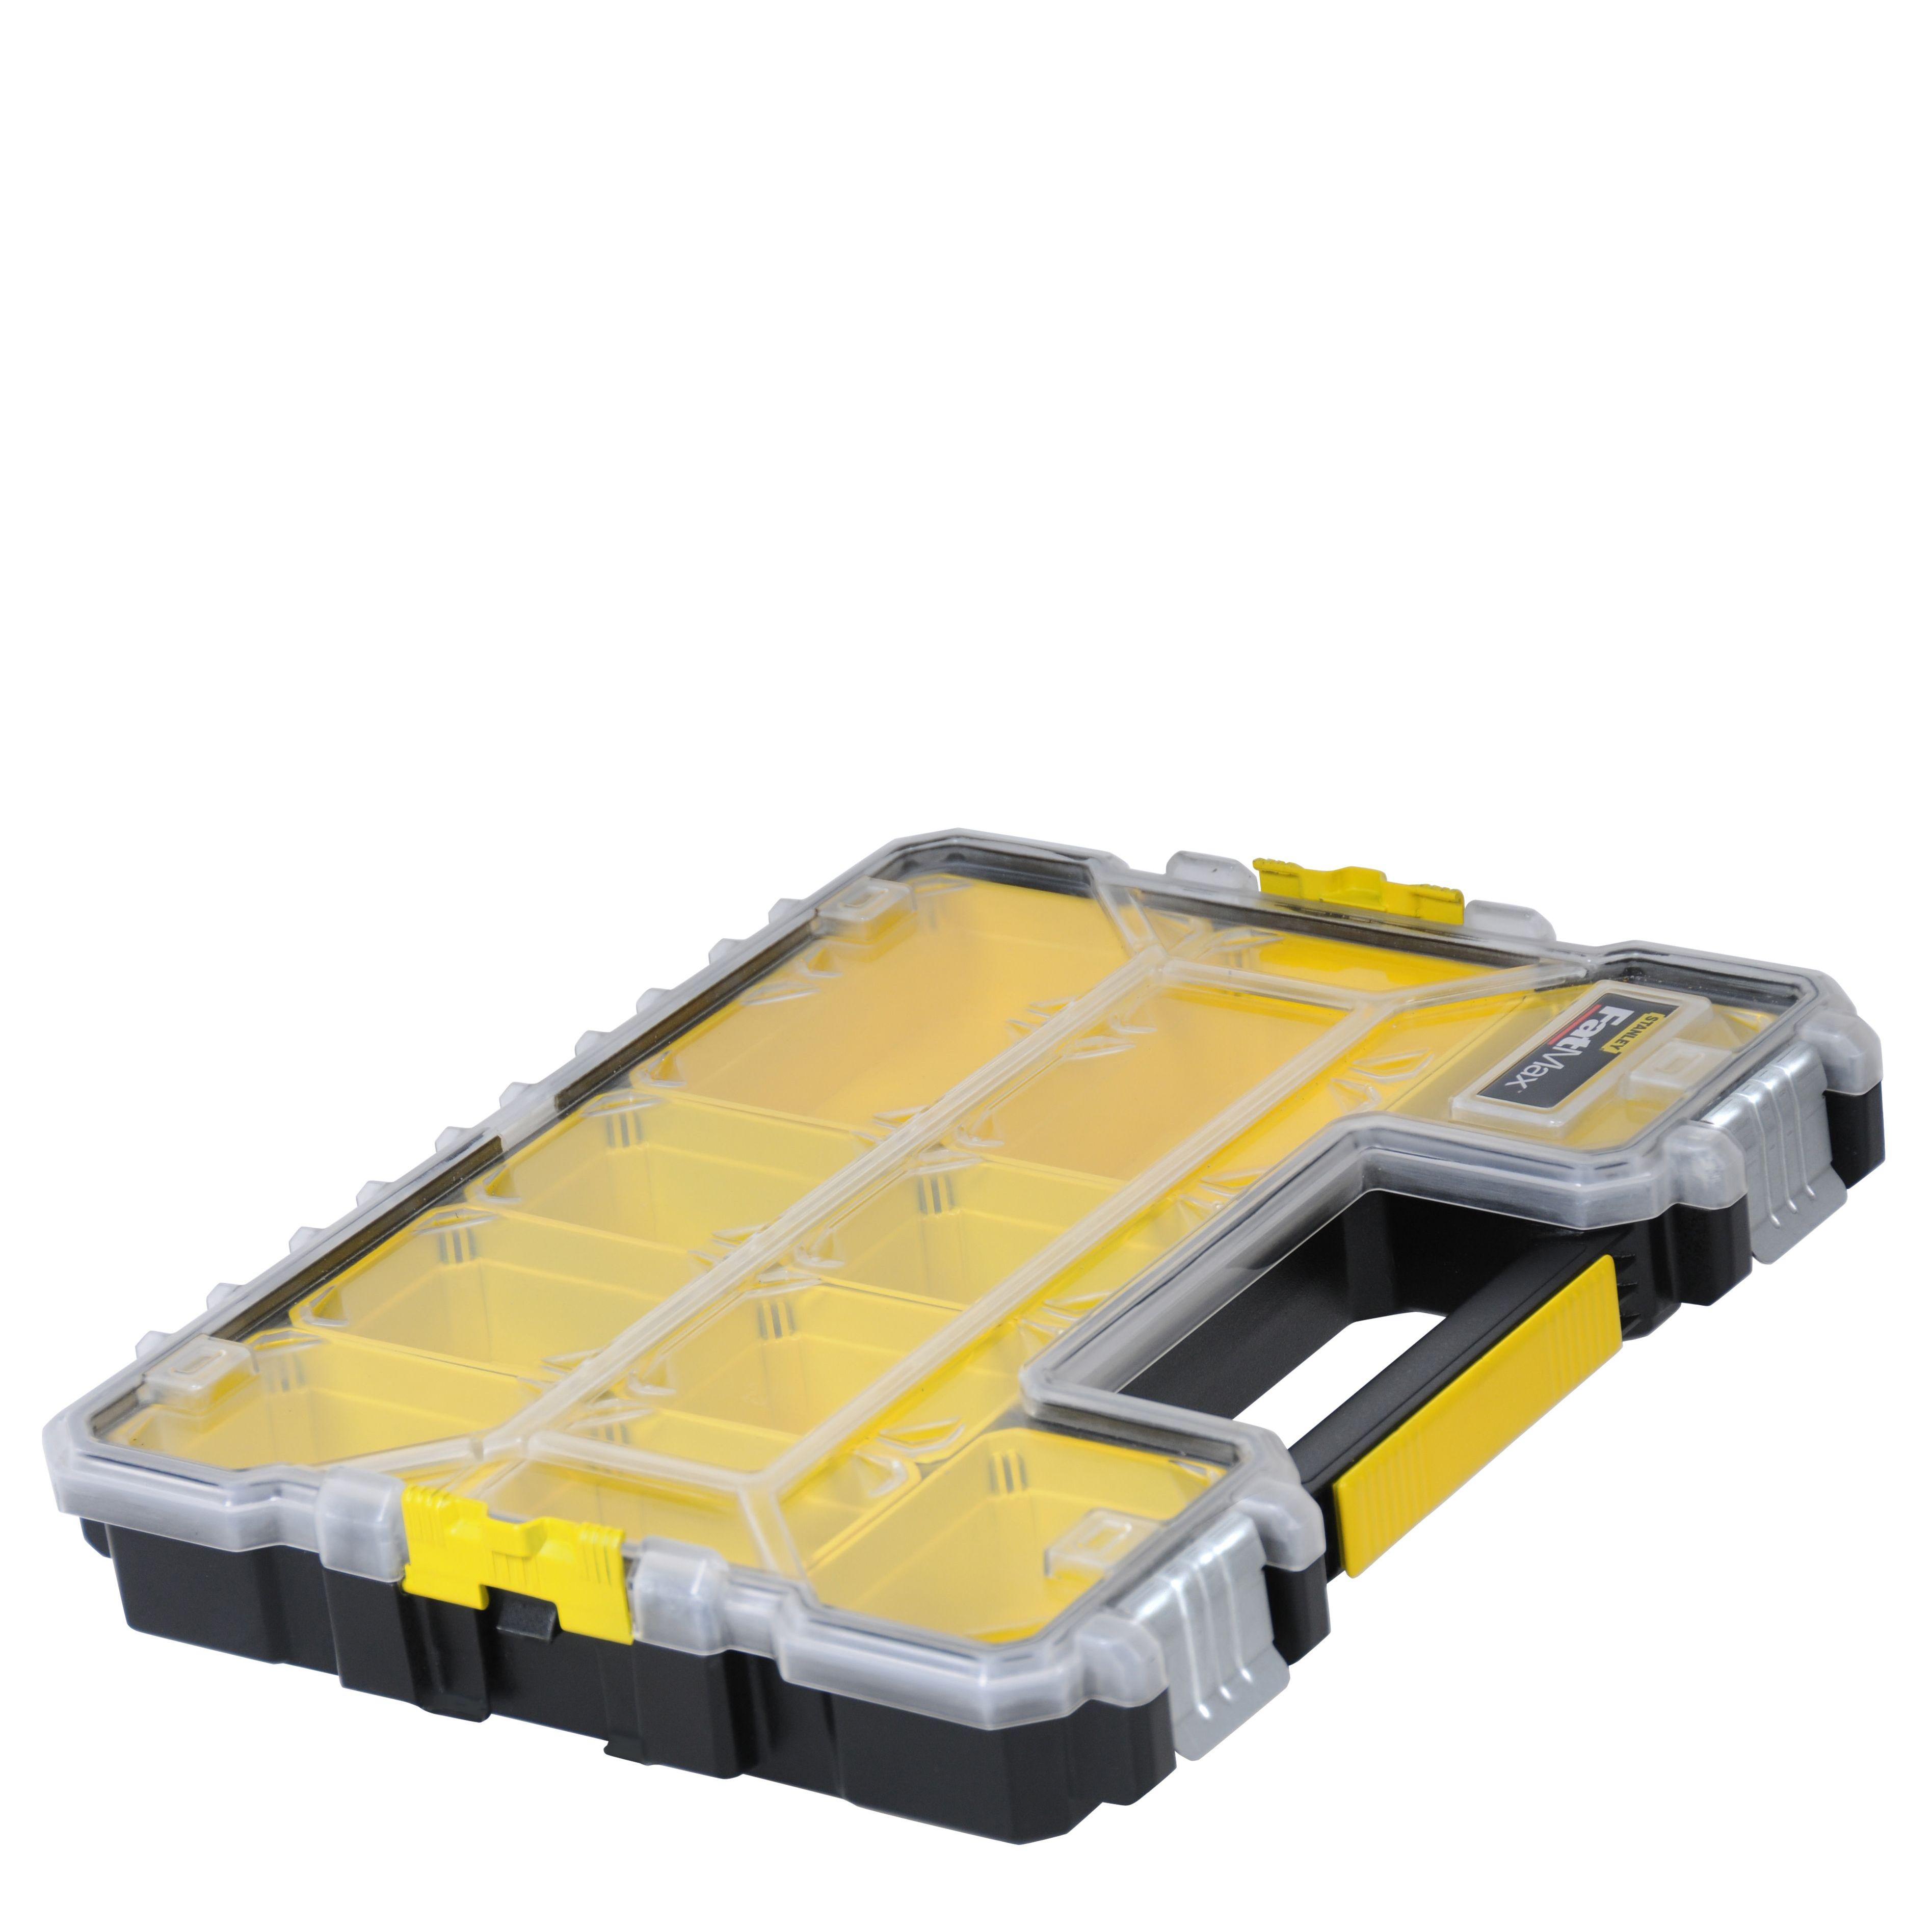 Tool Storage Tool Boxes Amp Organisers Diy At B Amp Q